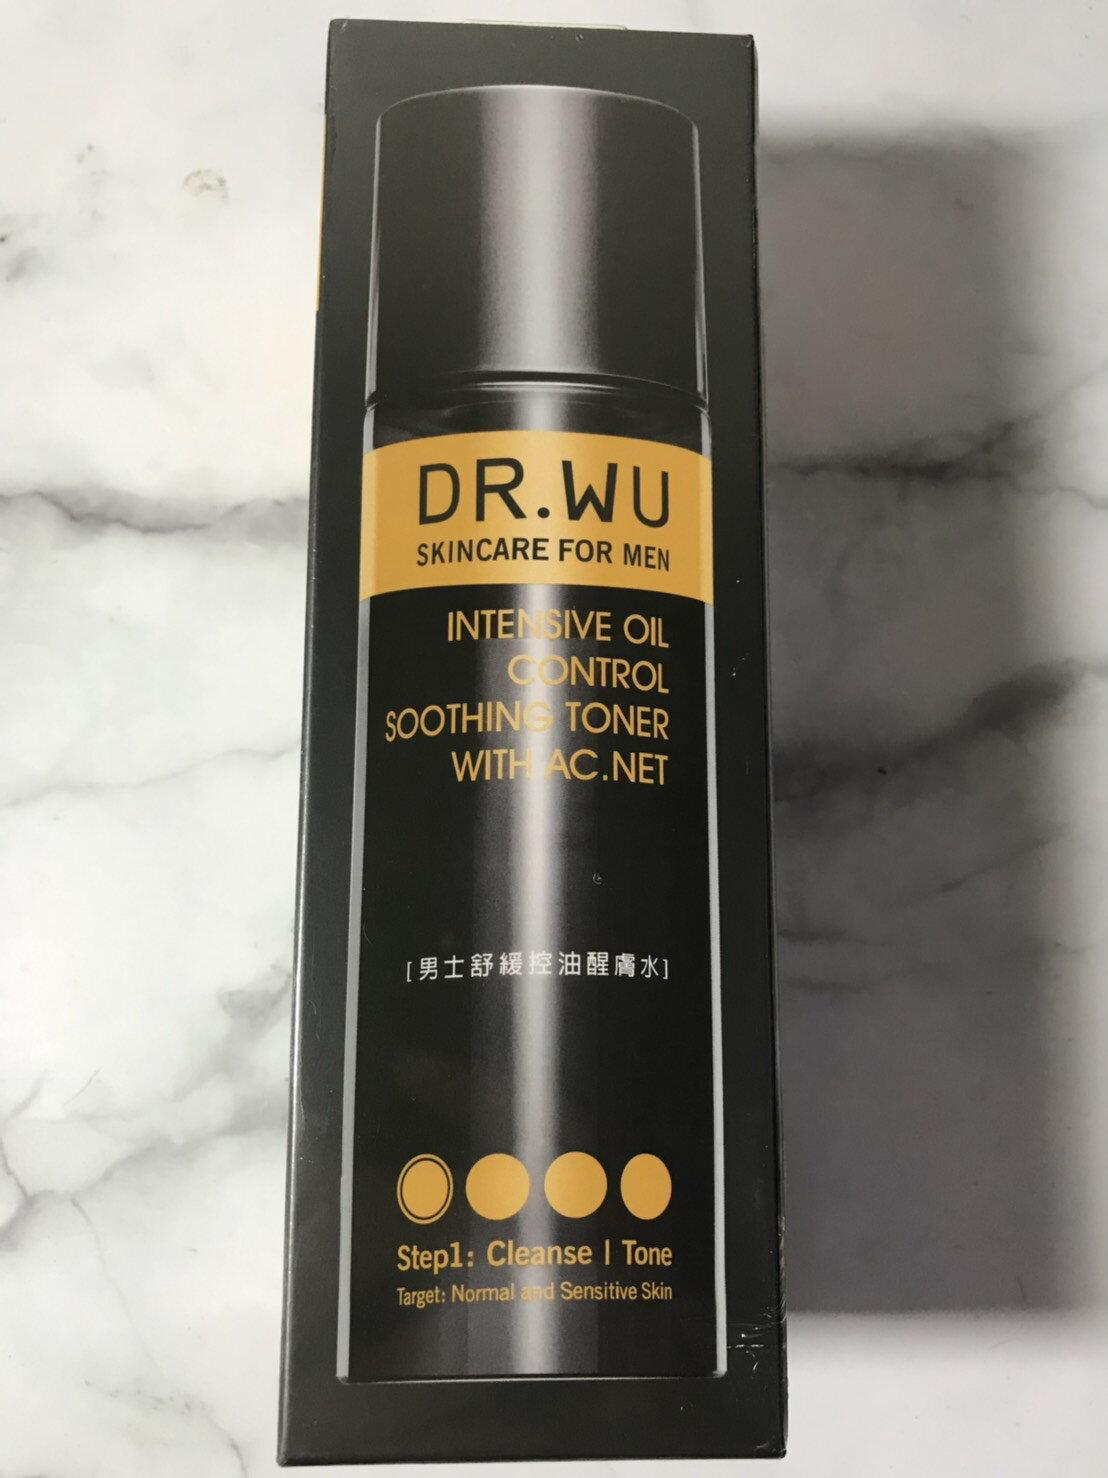 【DR. WU】男士舒緩控油醒膚水150ml全新封膜/效期2020.12【淨妍美肌】